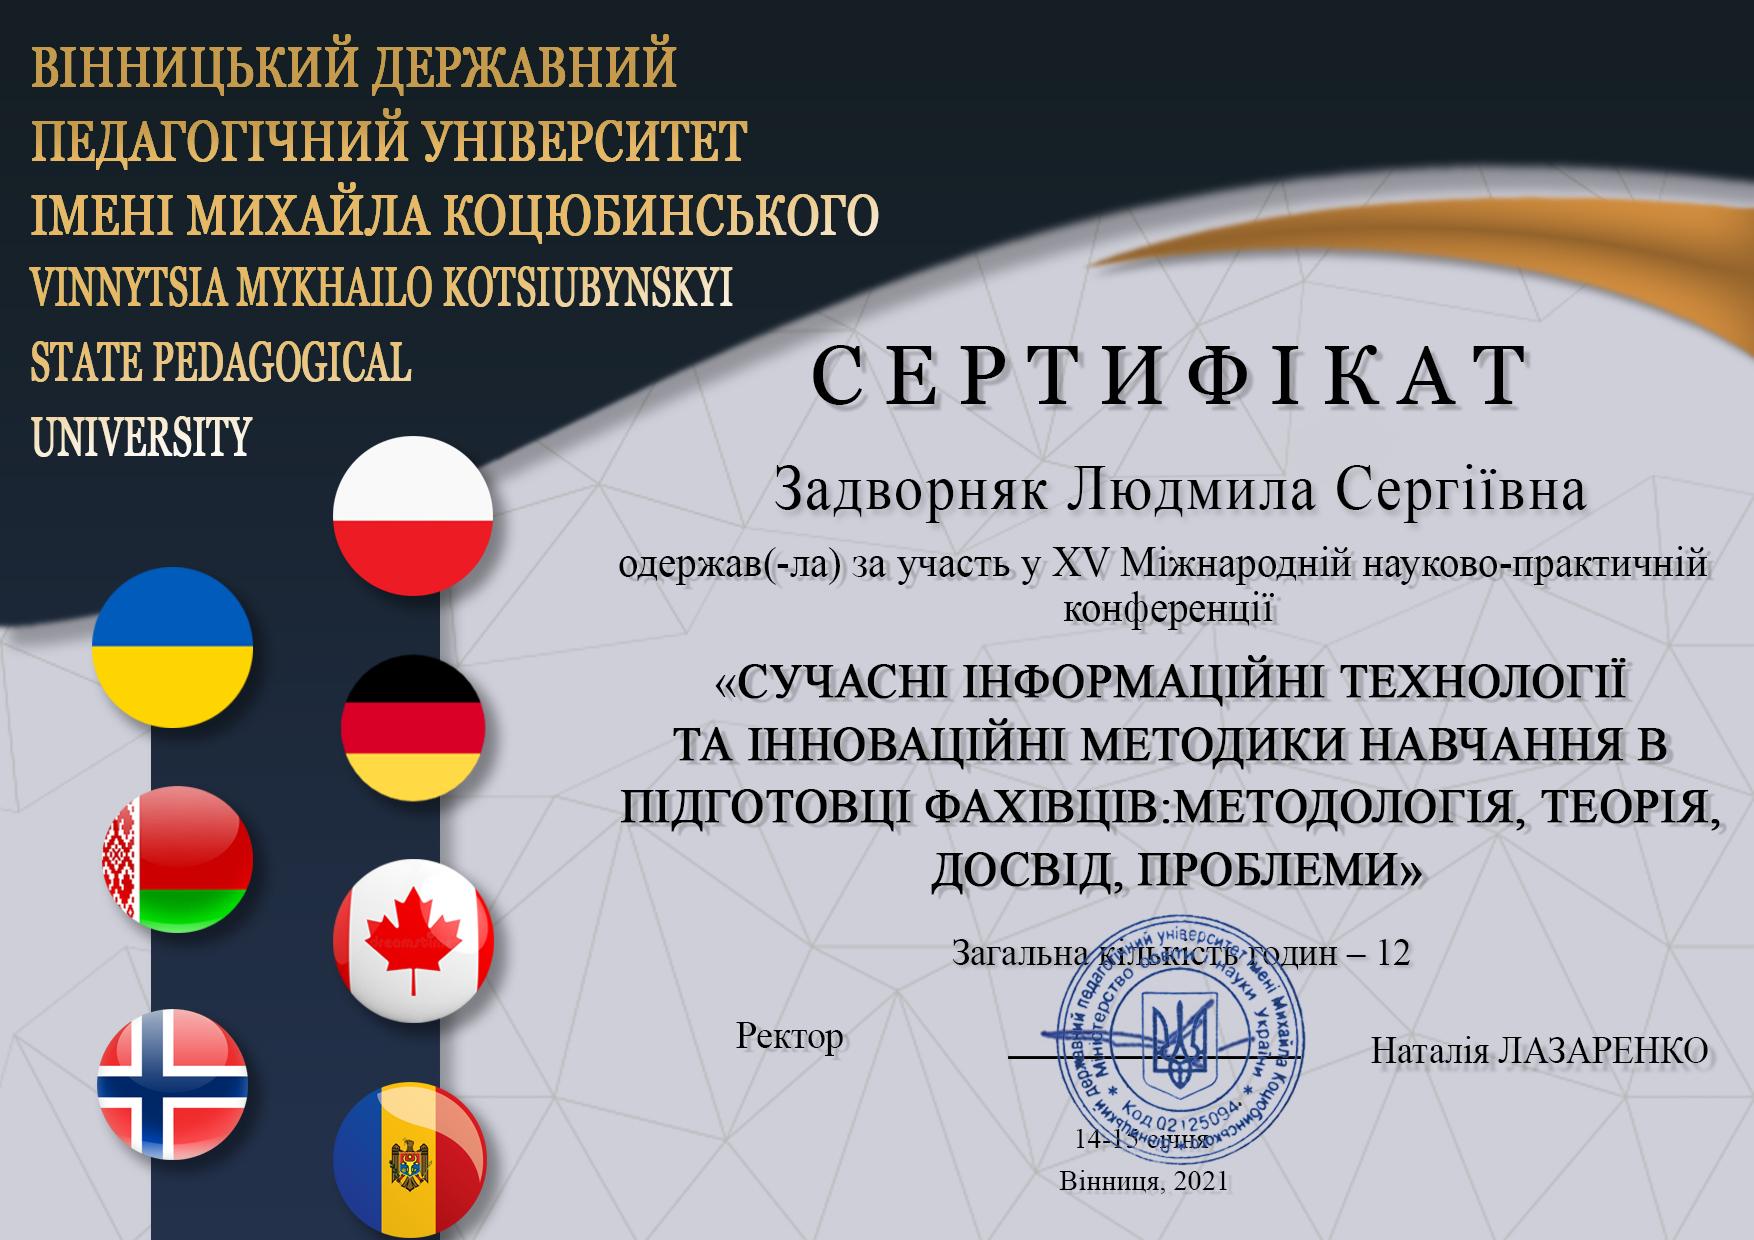 Задворняк Людмила Сергіївна